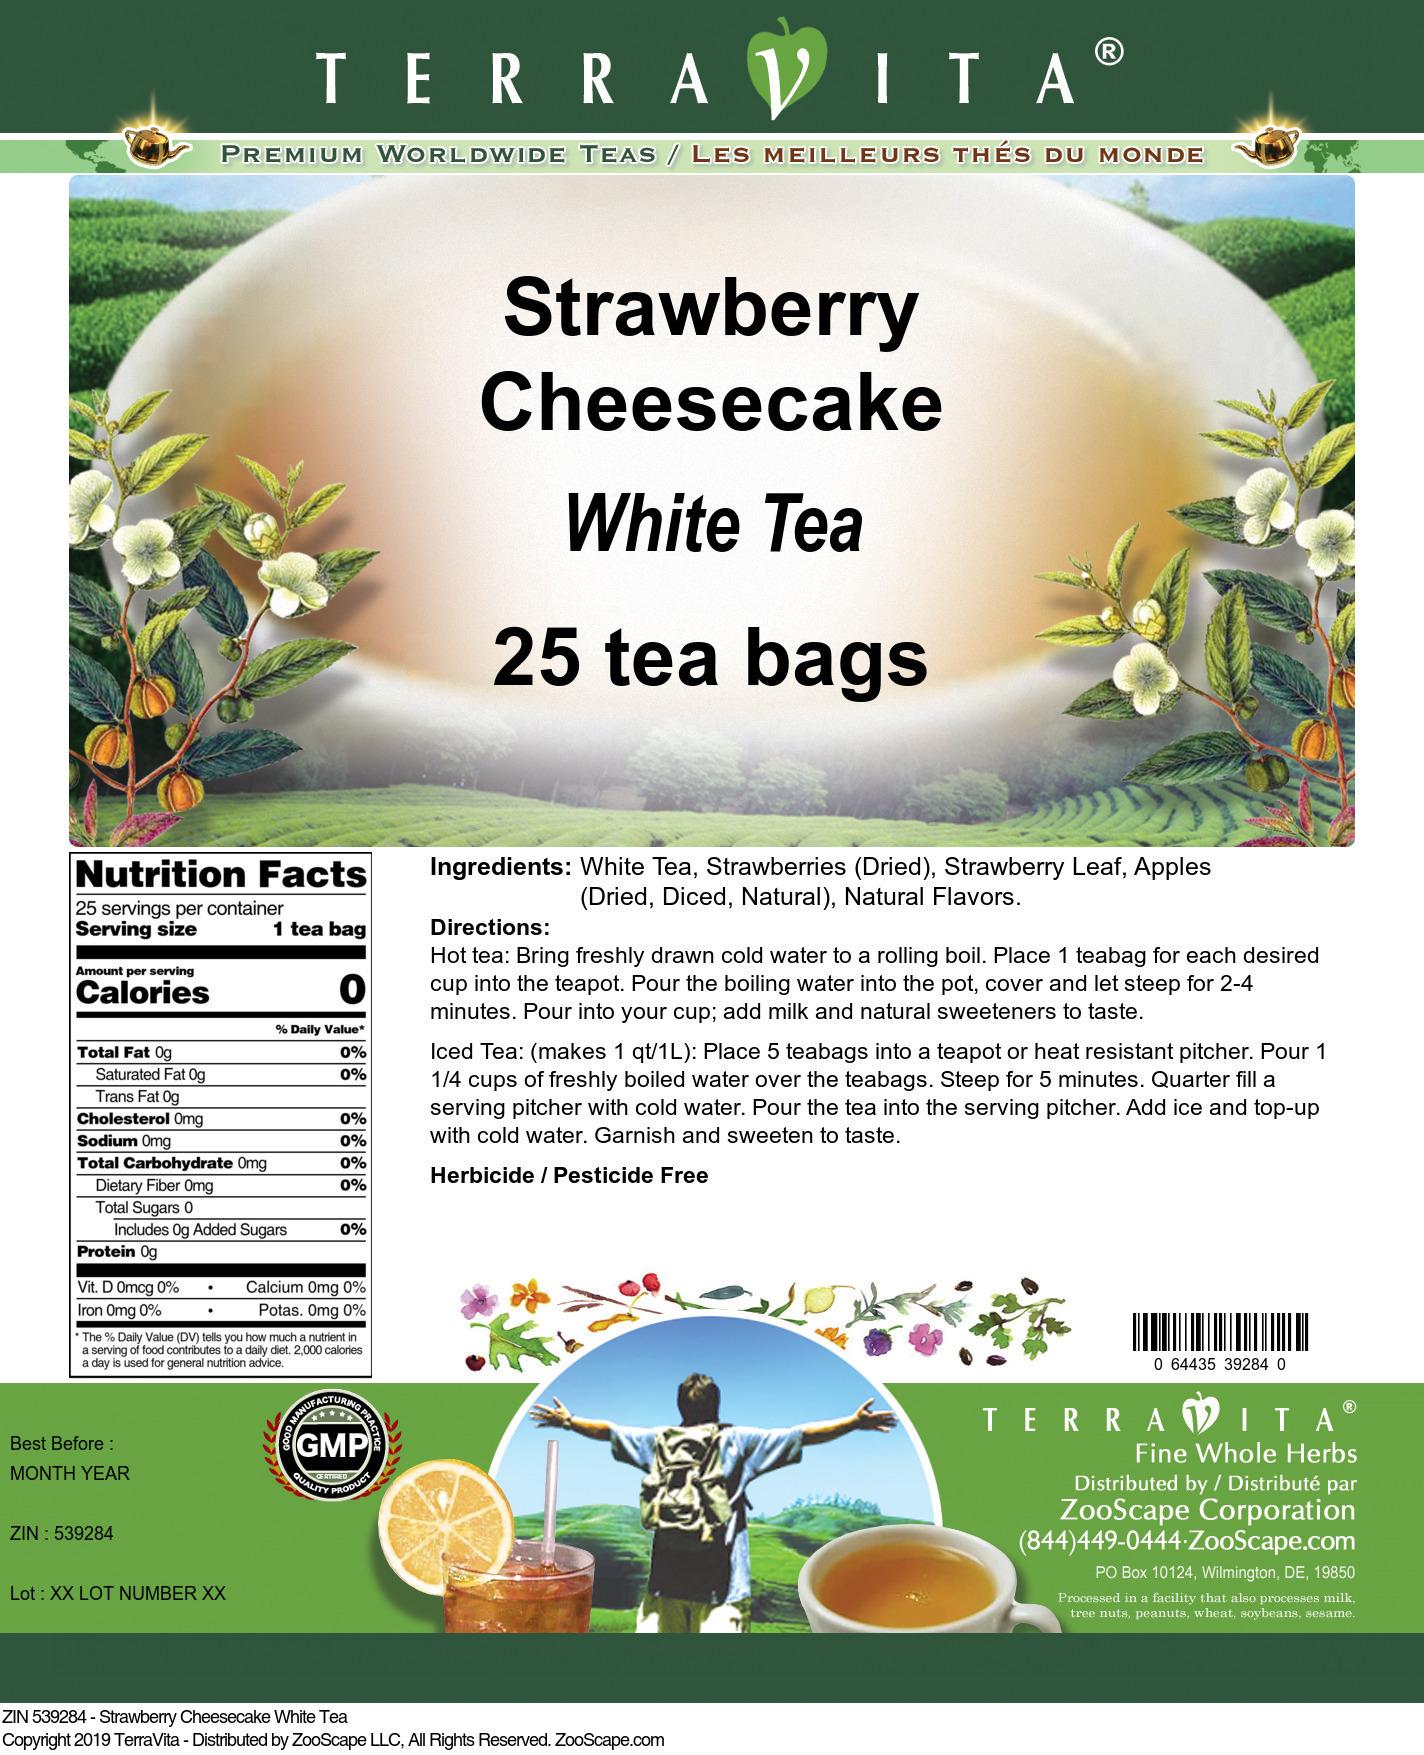 Strawberry Cheesecake White Tea